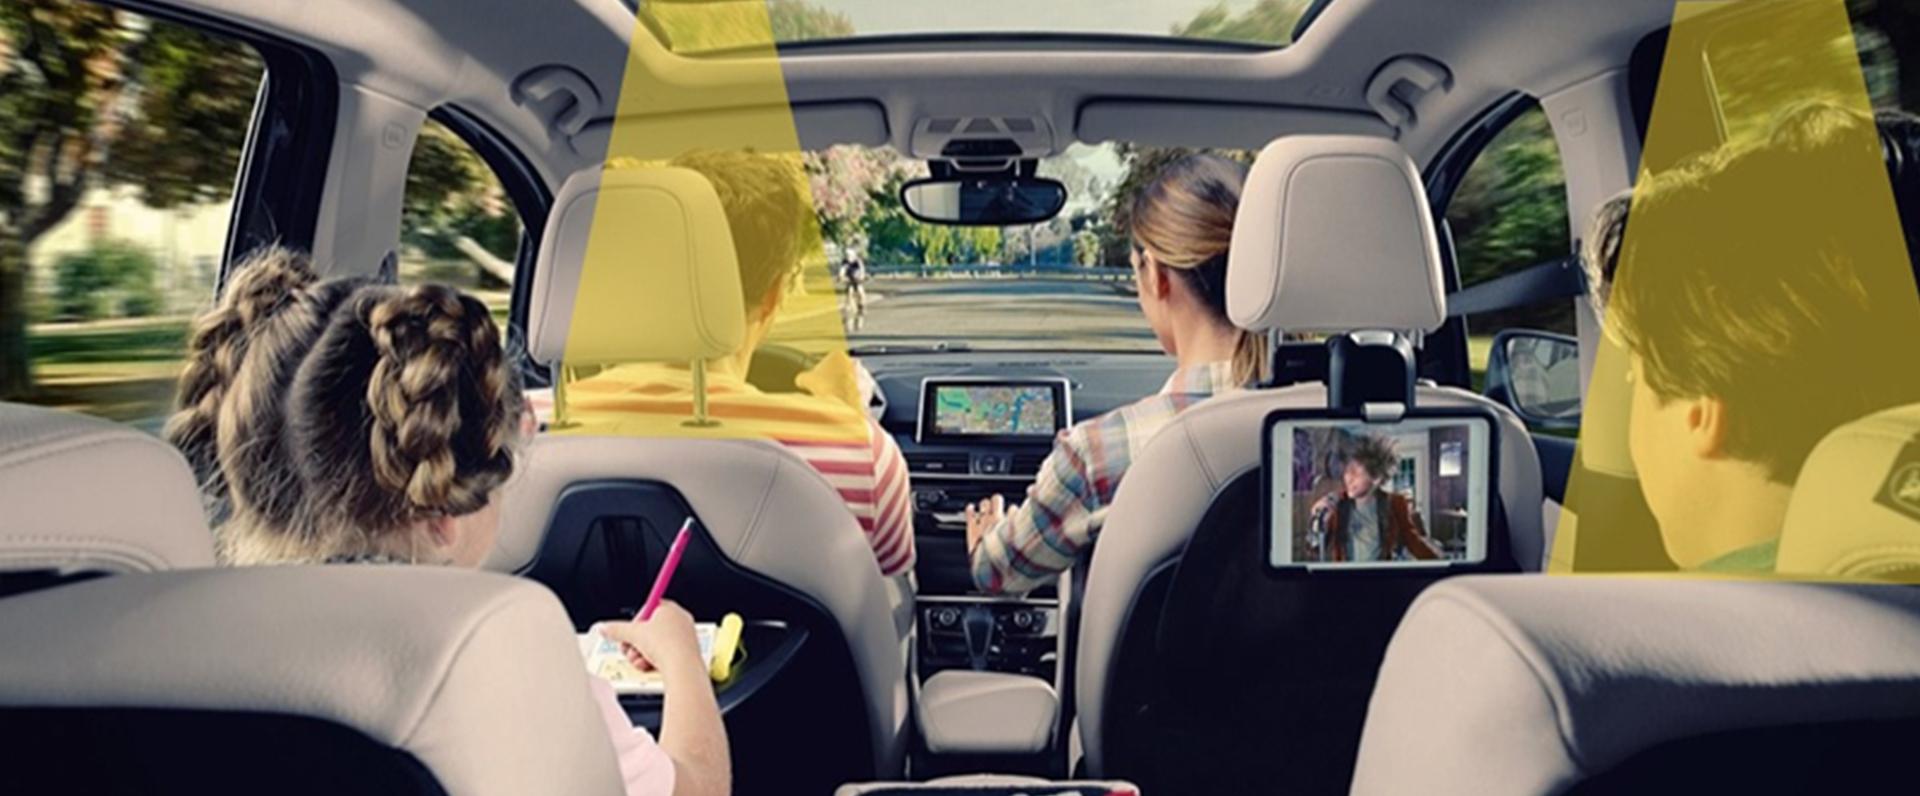 Transport Sécurité Pertech Solutions